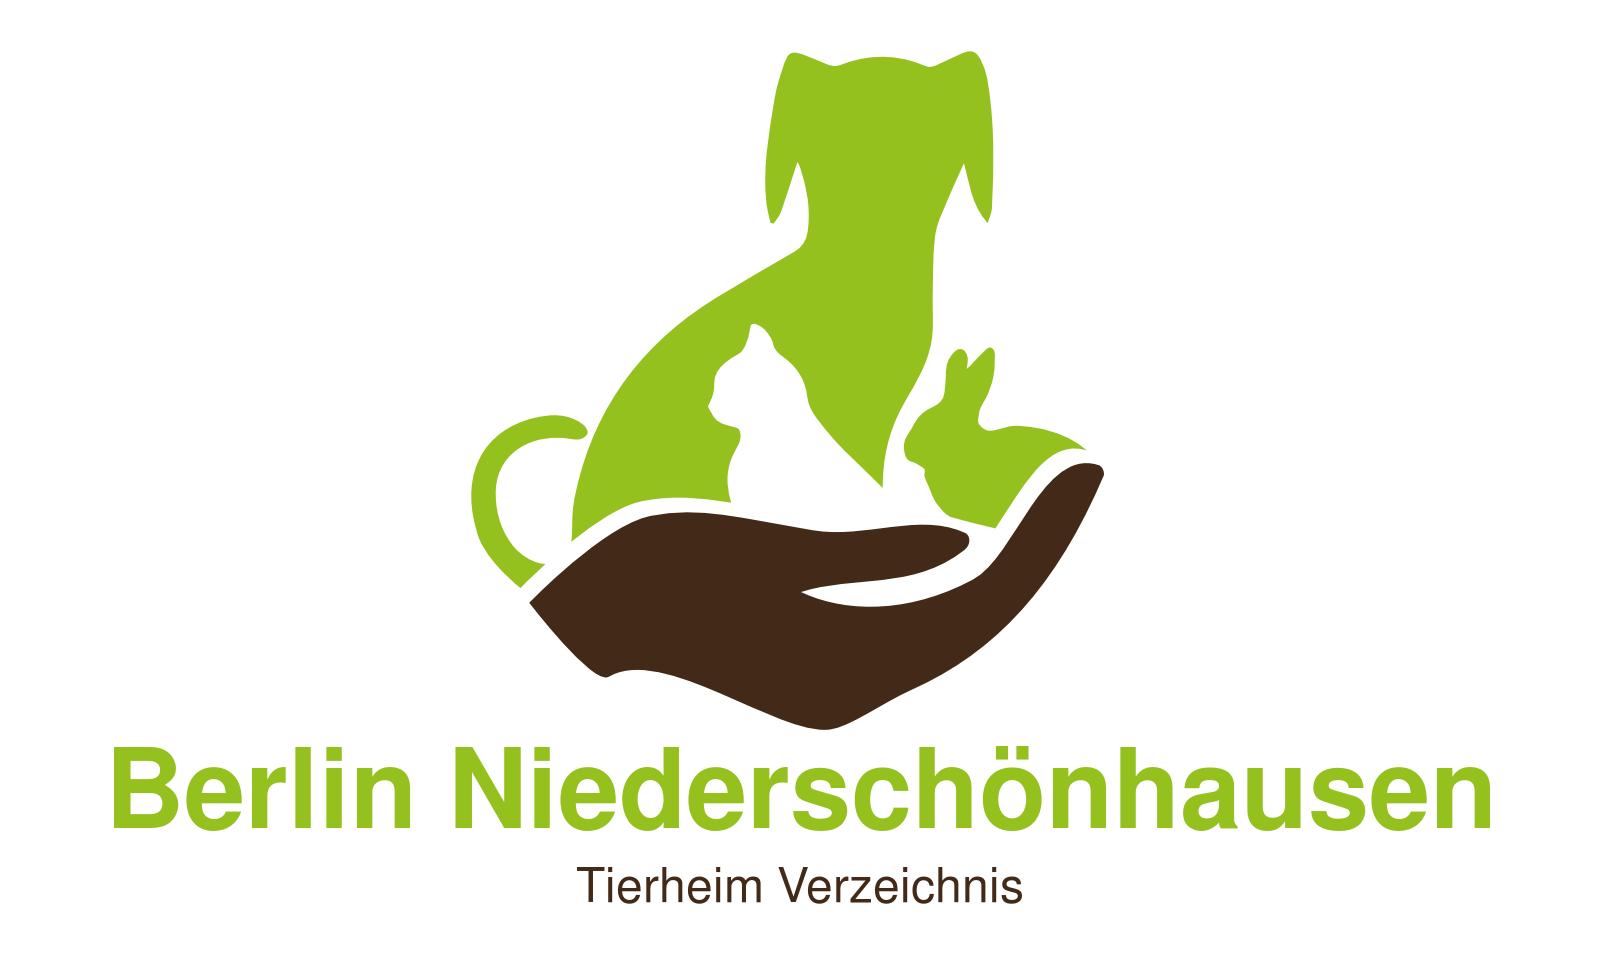 Tierheim Berlin Niederschönhausen